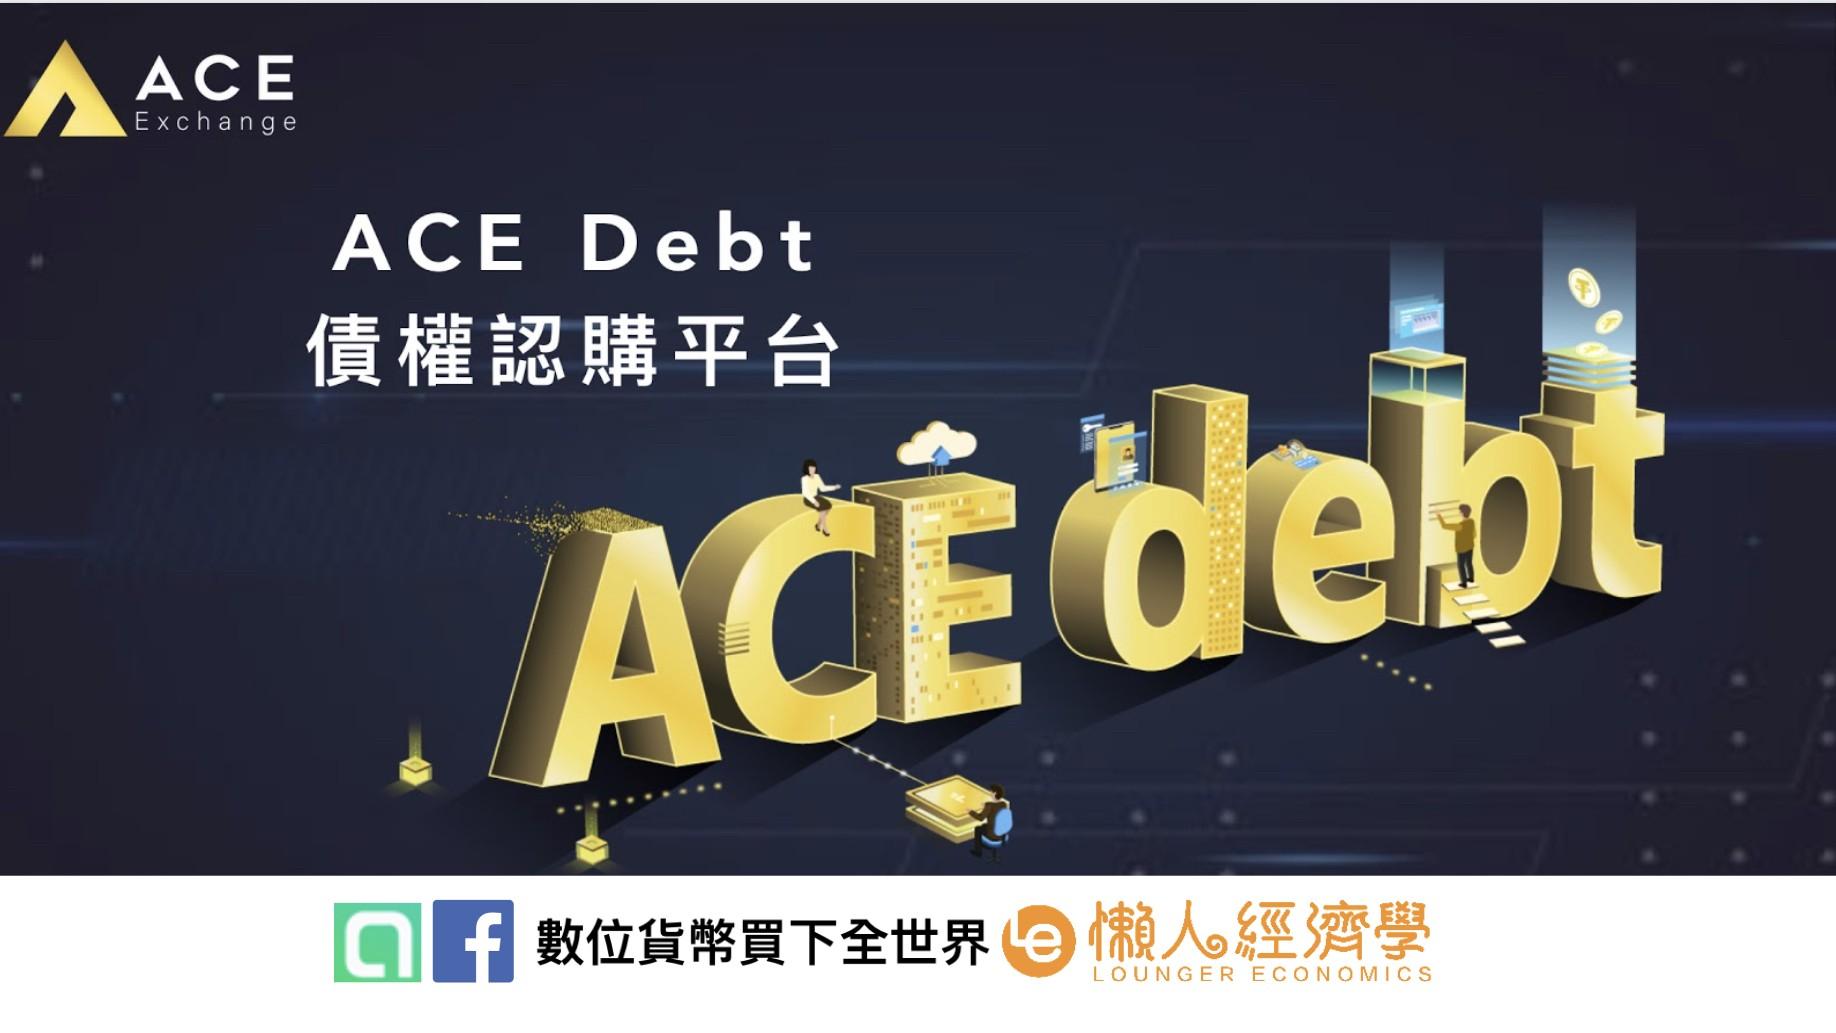 ACE Dept債權認購計畫